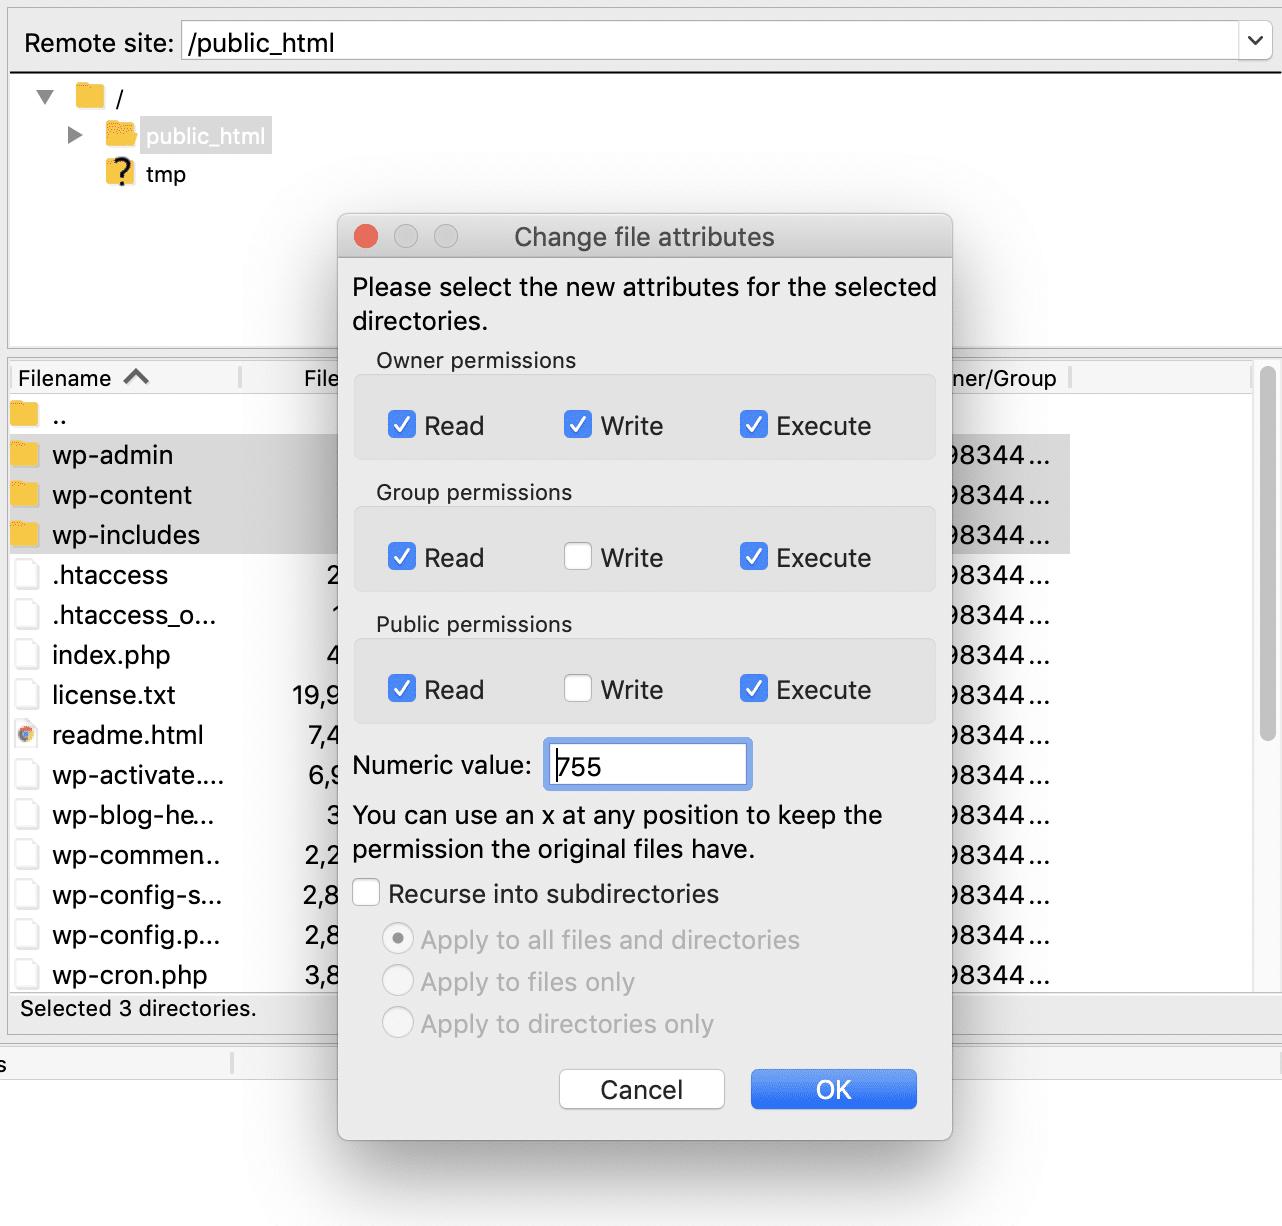 Establecer los permisos de archivo correctos a través de FTP